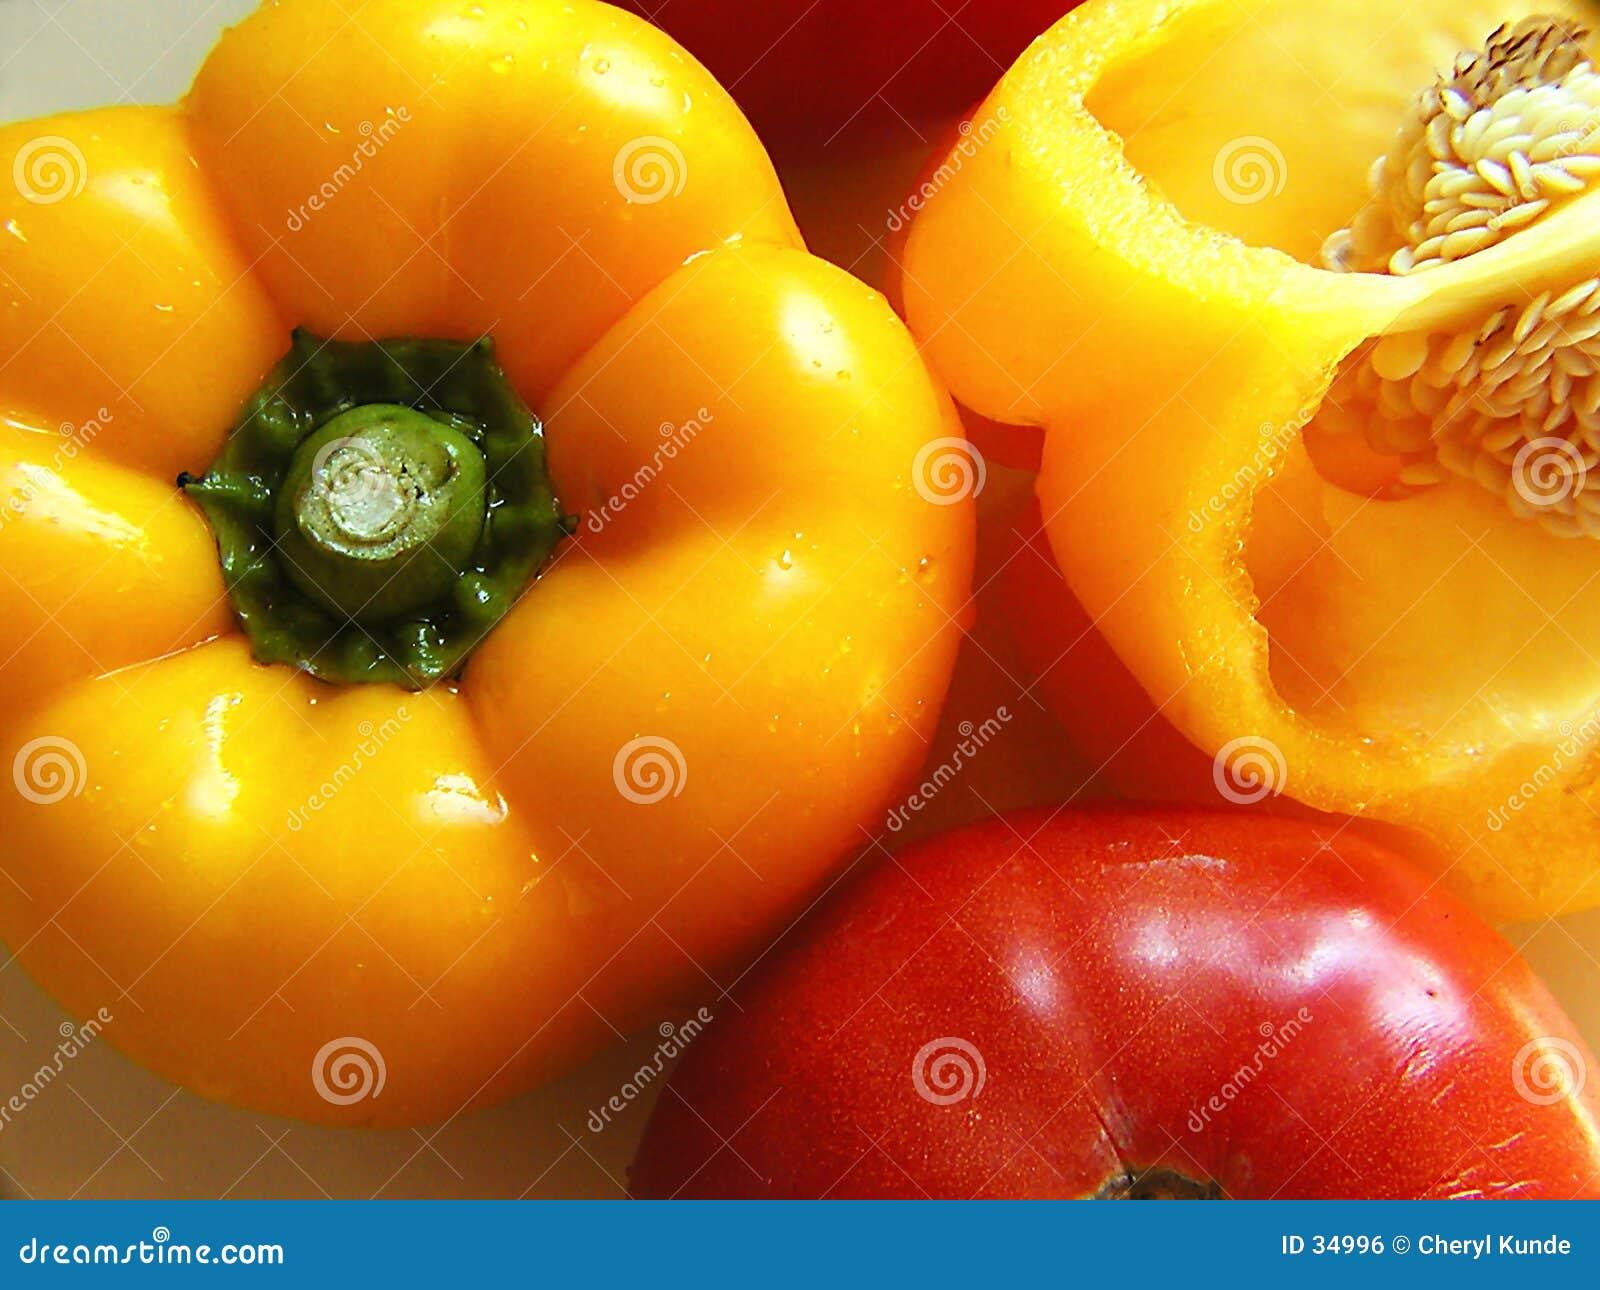 Download Kleurrijk Voedsel stock foto. Afbeelding bestaande uit voedsel - 34996